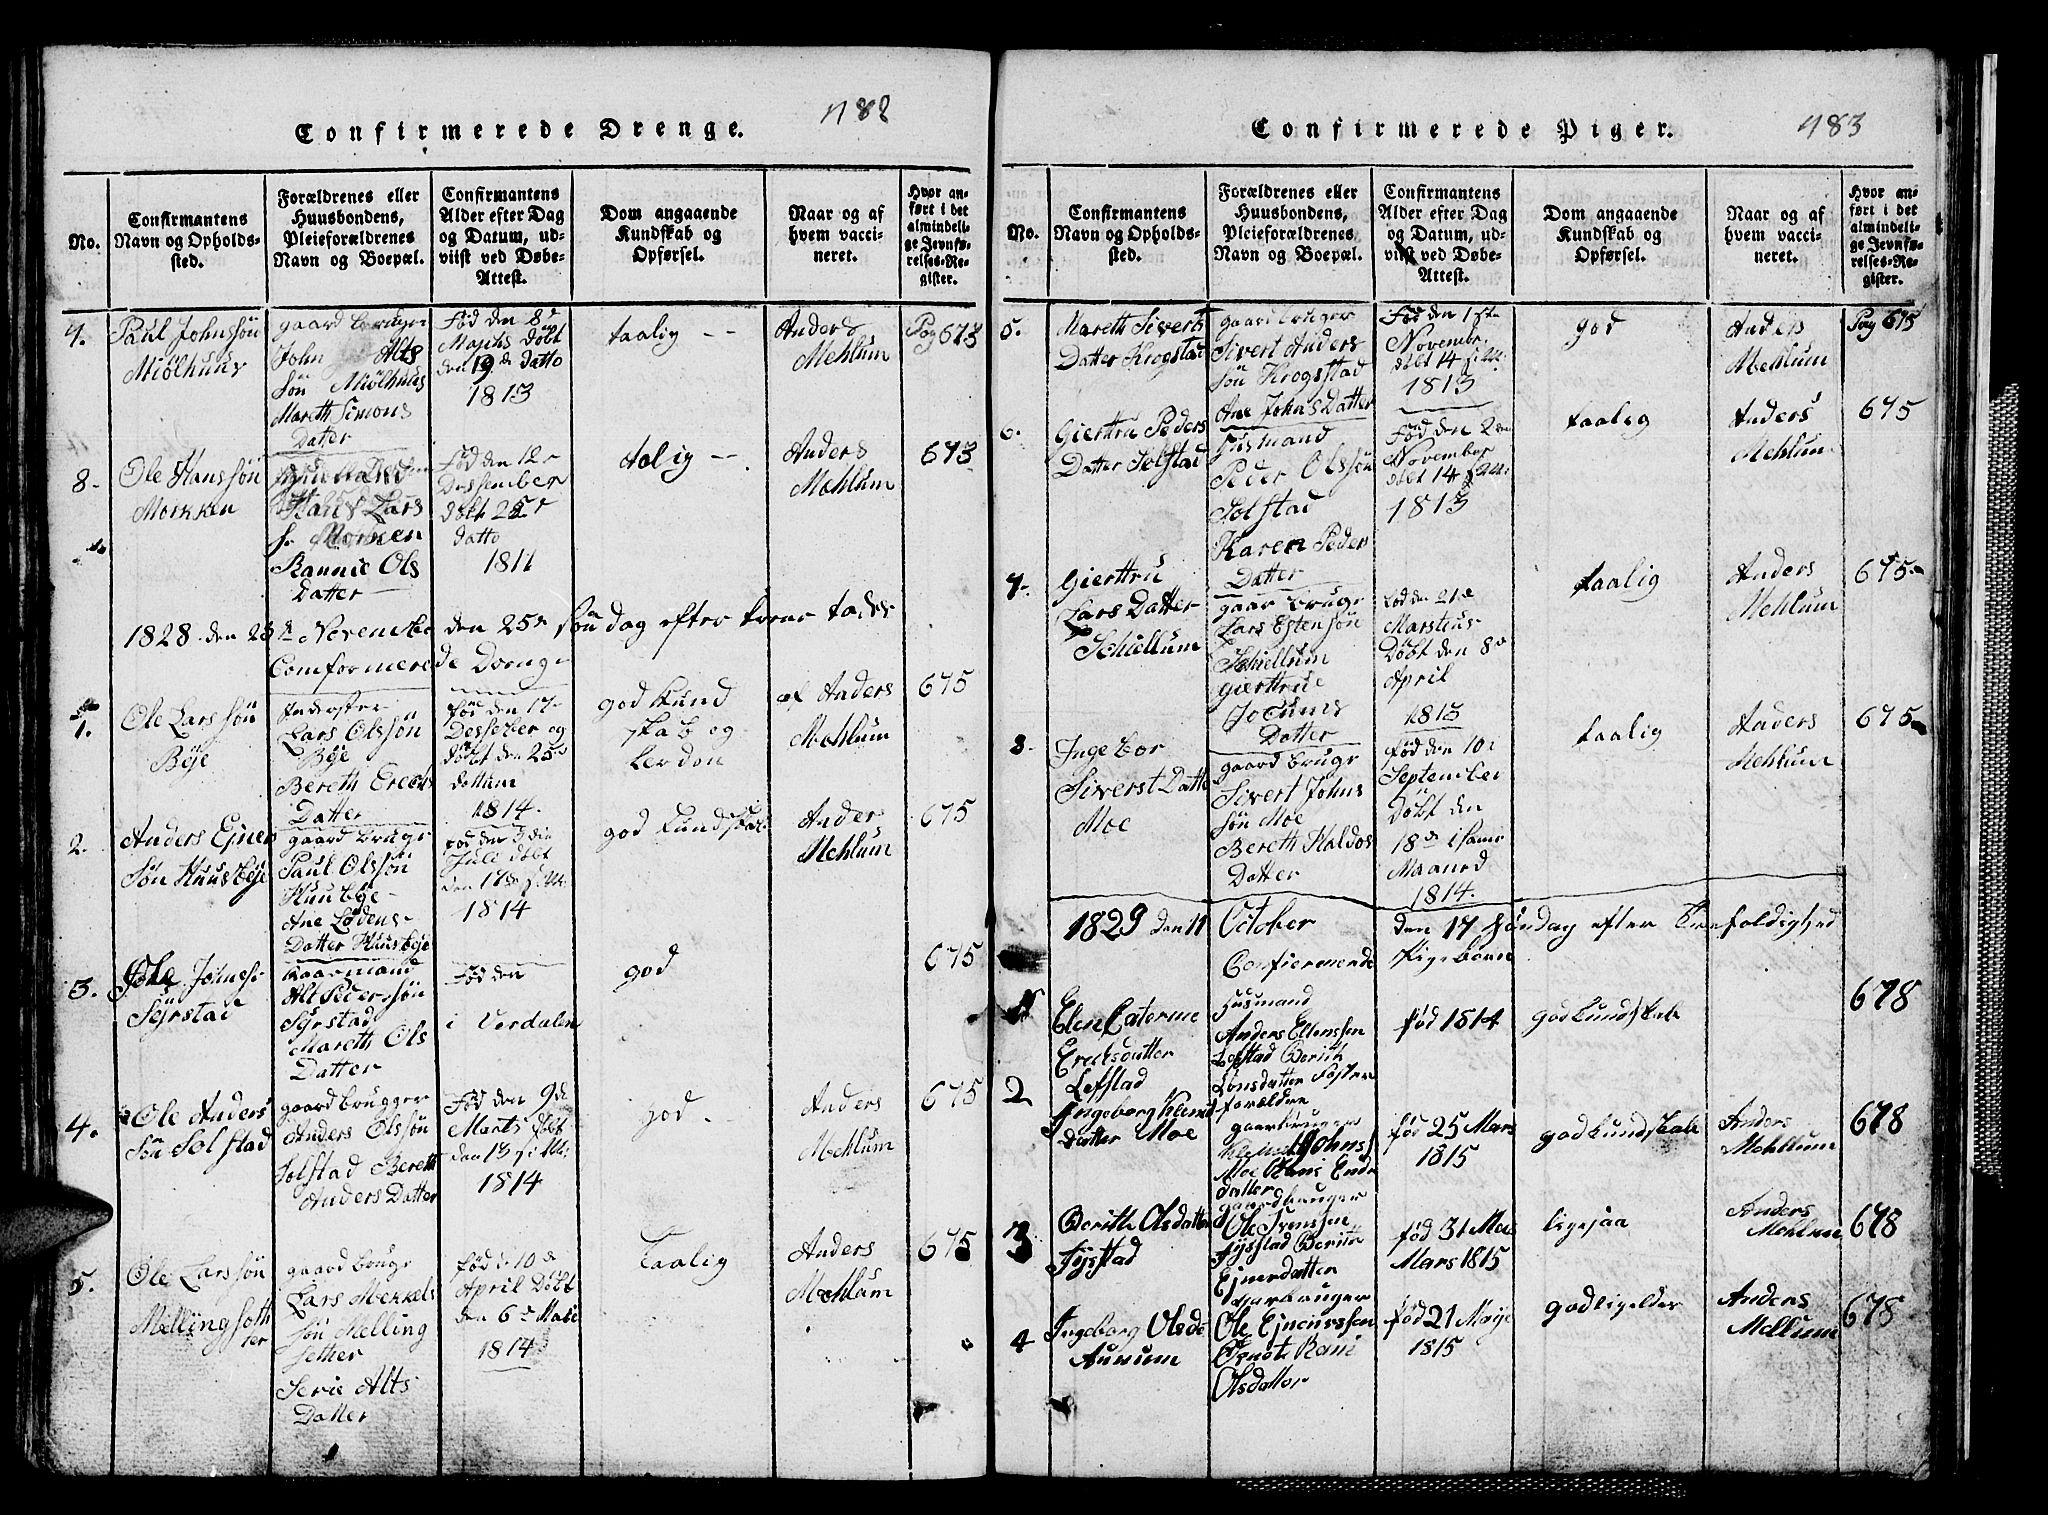 SAT, Ministerialprotokoller, klokkerbøker og fødselsregistre - Sør-Trøndelag, 667/L0796: Klokkerbok nr. 667C01, 1817-1836, s. 482-483